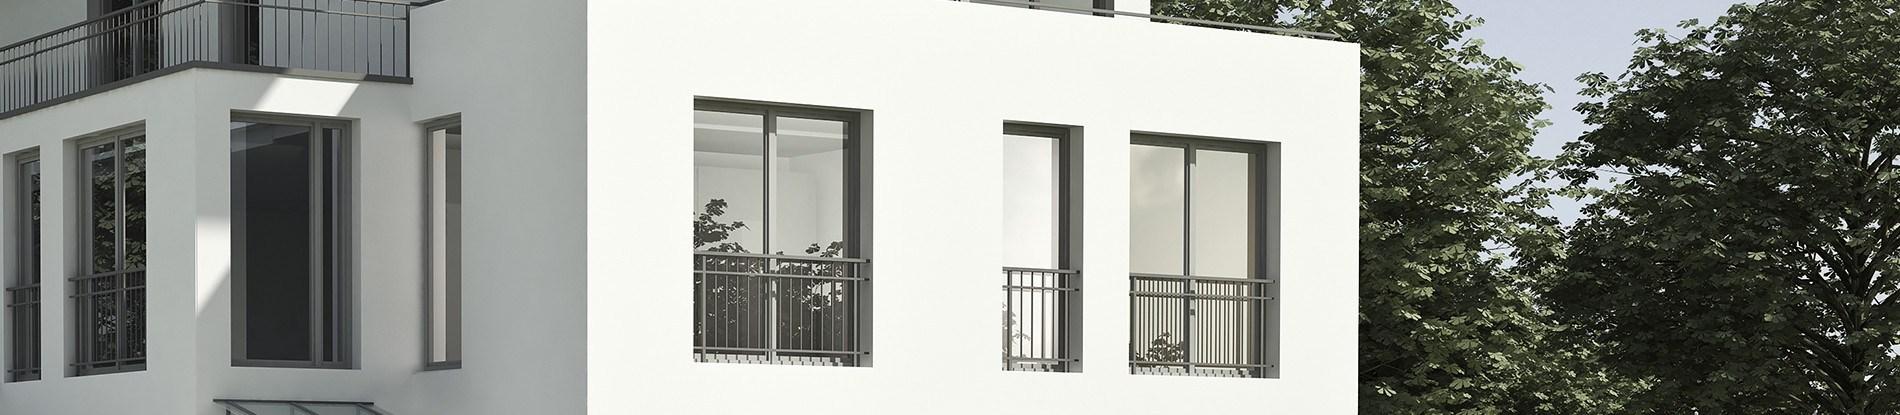 Full Size of Bodentiefe Fenster Jalousie Innen Austauschen Standardmaße Veka Online Konfigurieren Fototapete Einbruchsicher Erneuern Einbruchschutzfolie Verdunkeln Rollos Fenster Bodentiefe Fenster